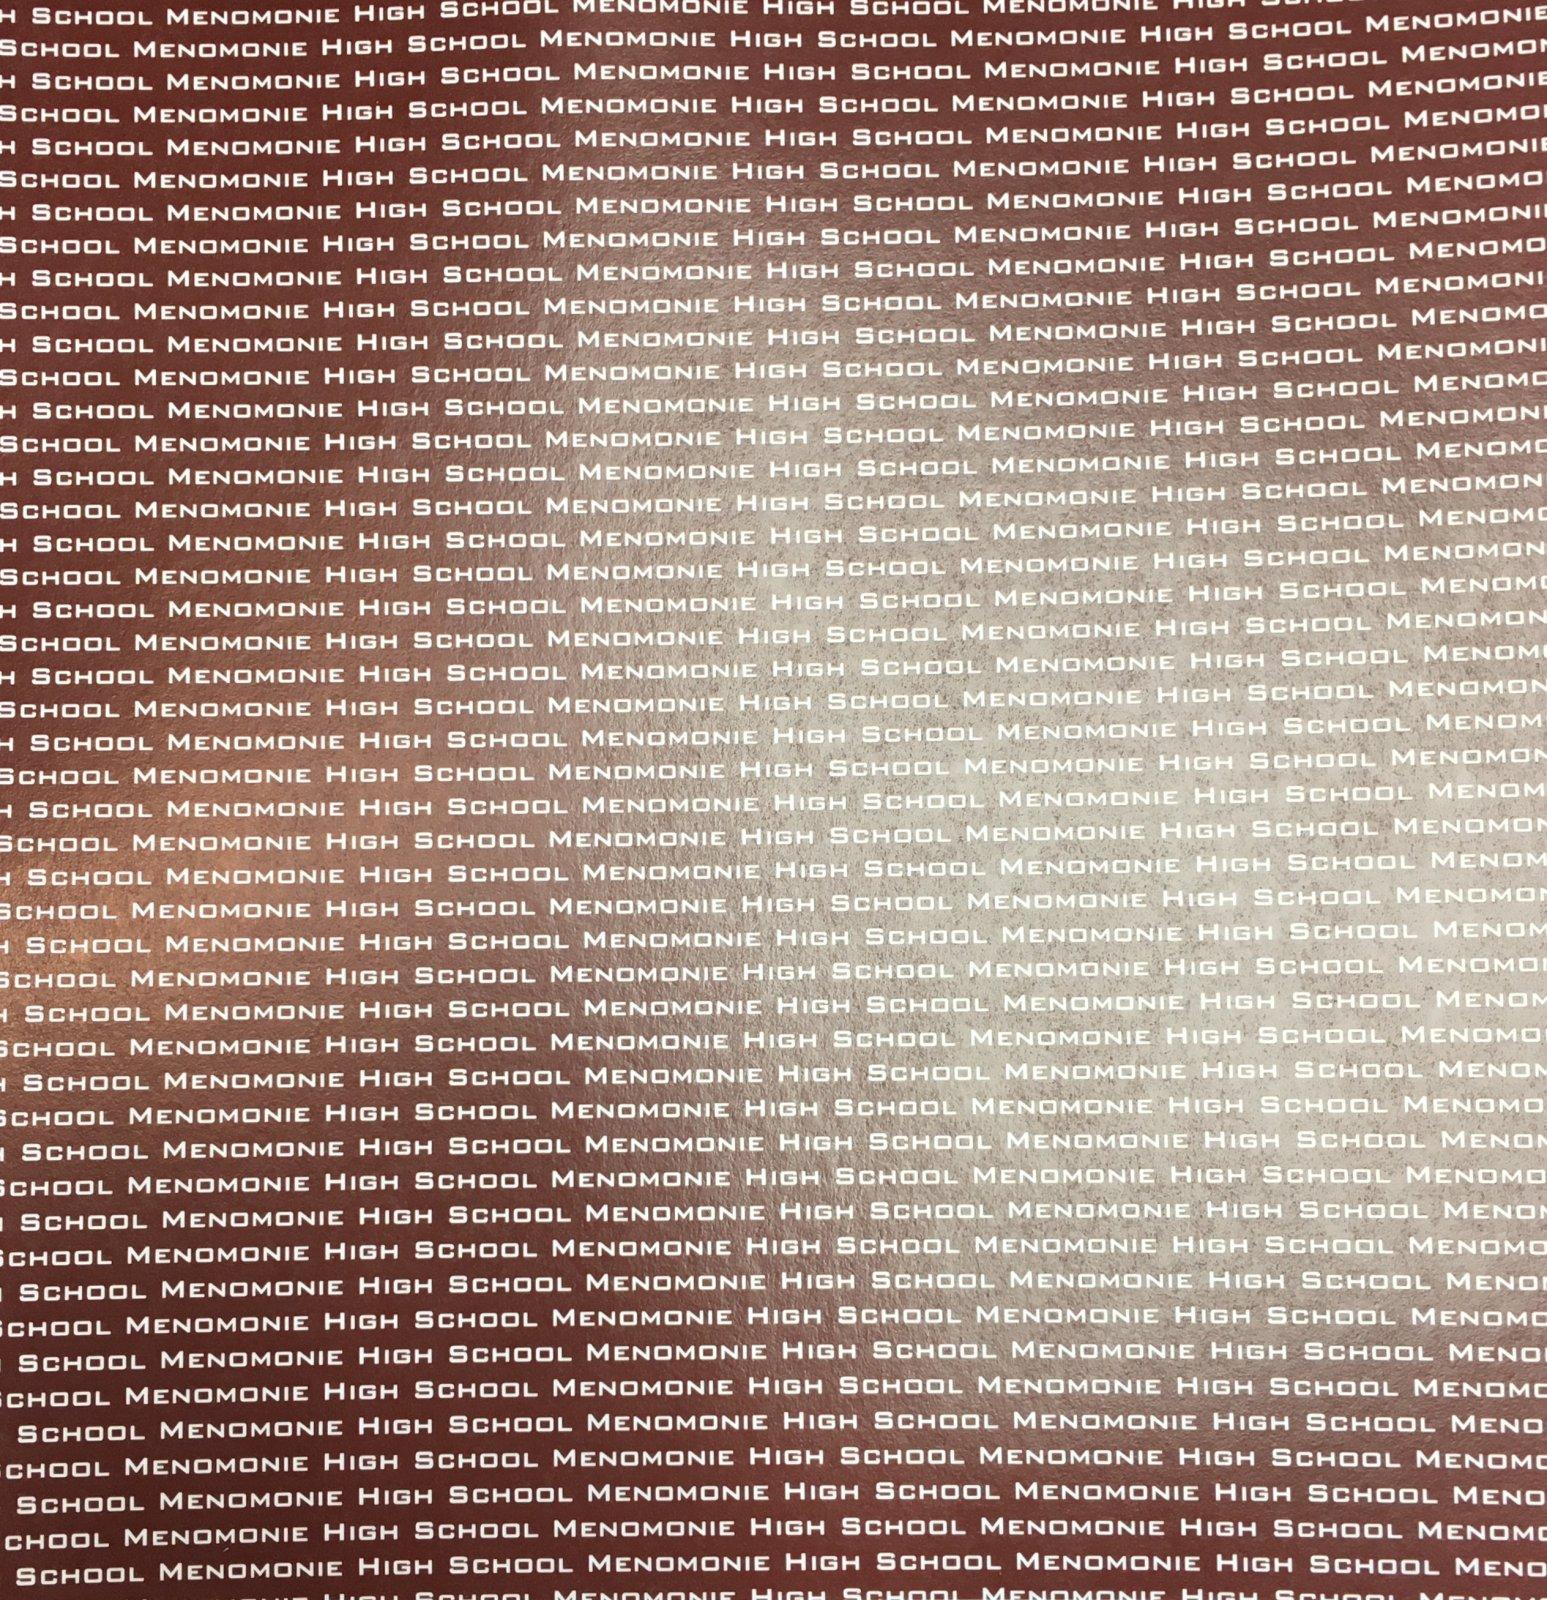 MENOMONIE MUSTANGS REPEAT 12x12